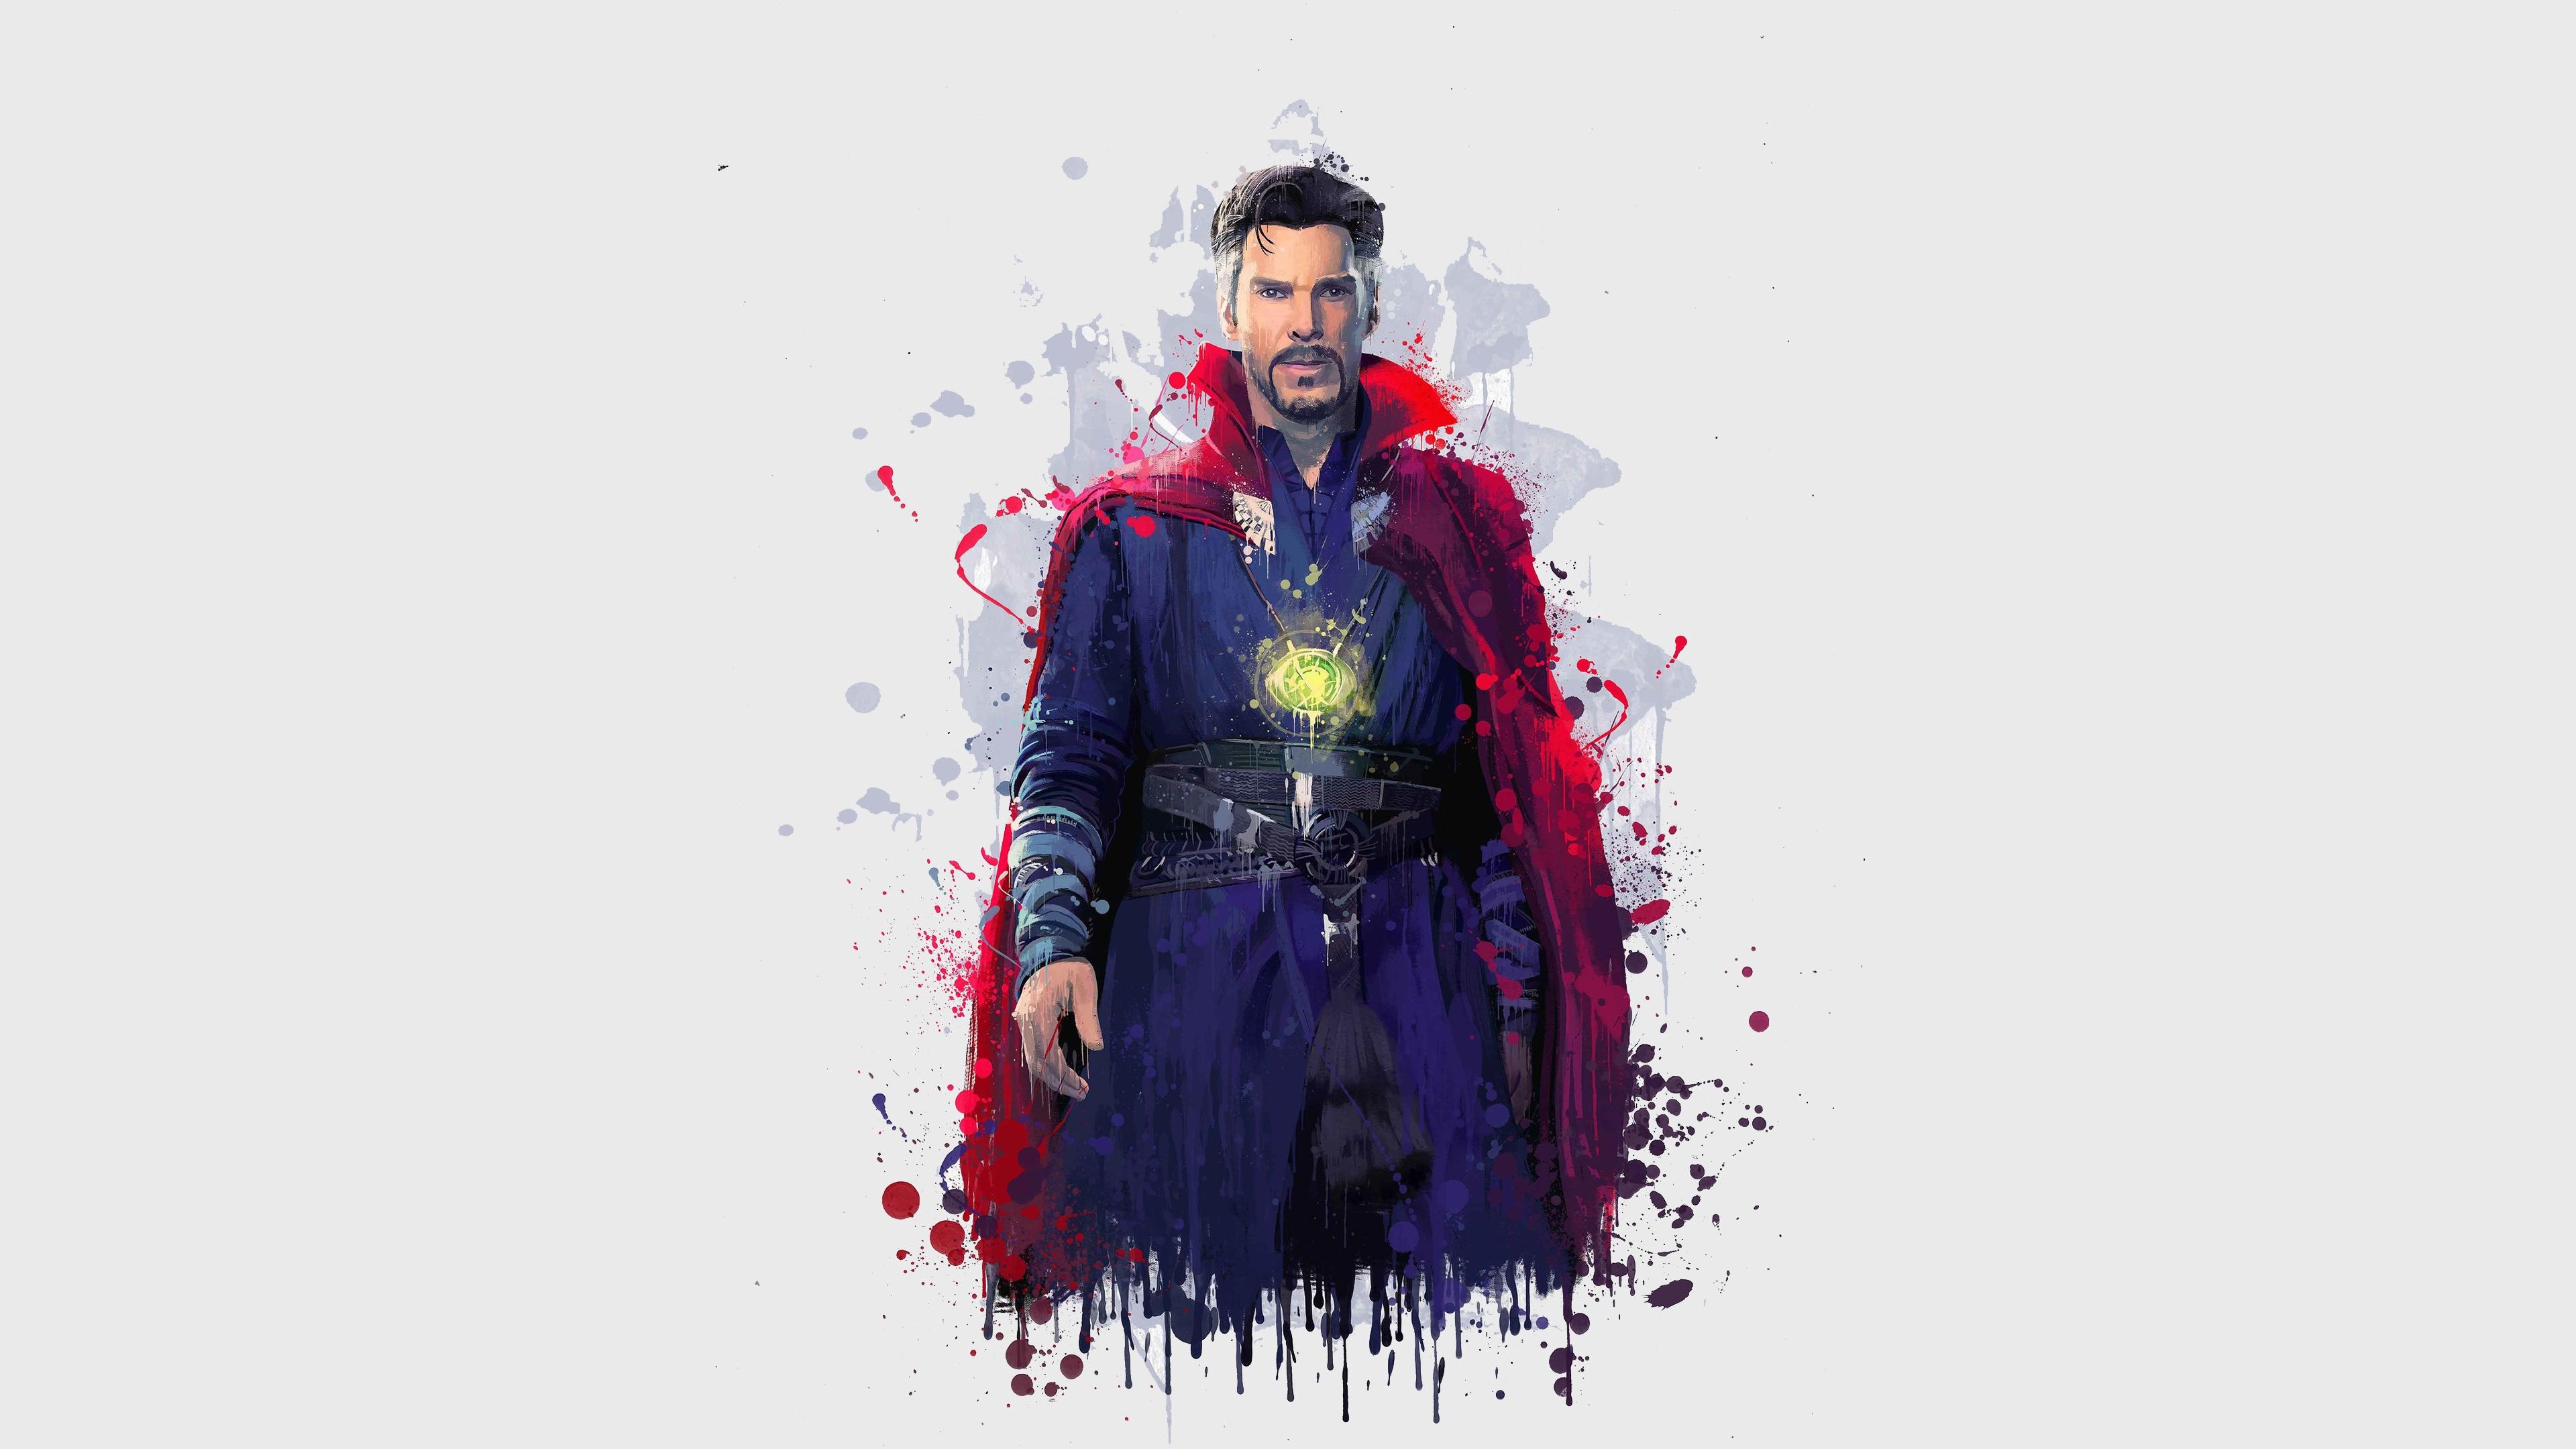 doctor strange infinity war 4k 1547507122 - Doctor Strange Infinity War 4K - Doctor Strange, Avengers Infinity War